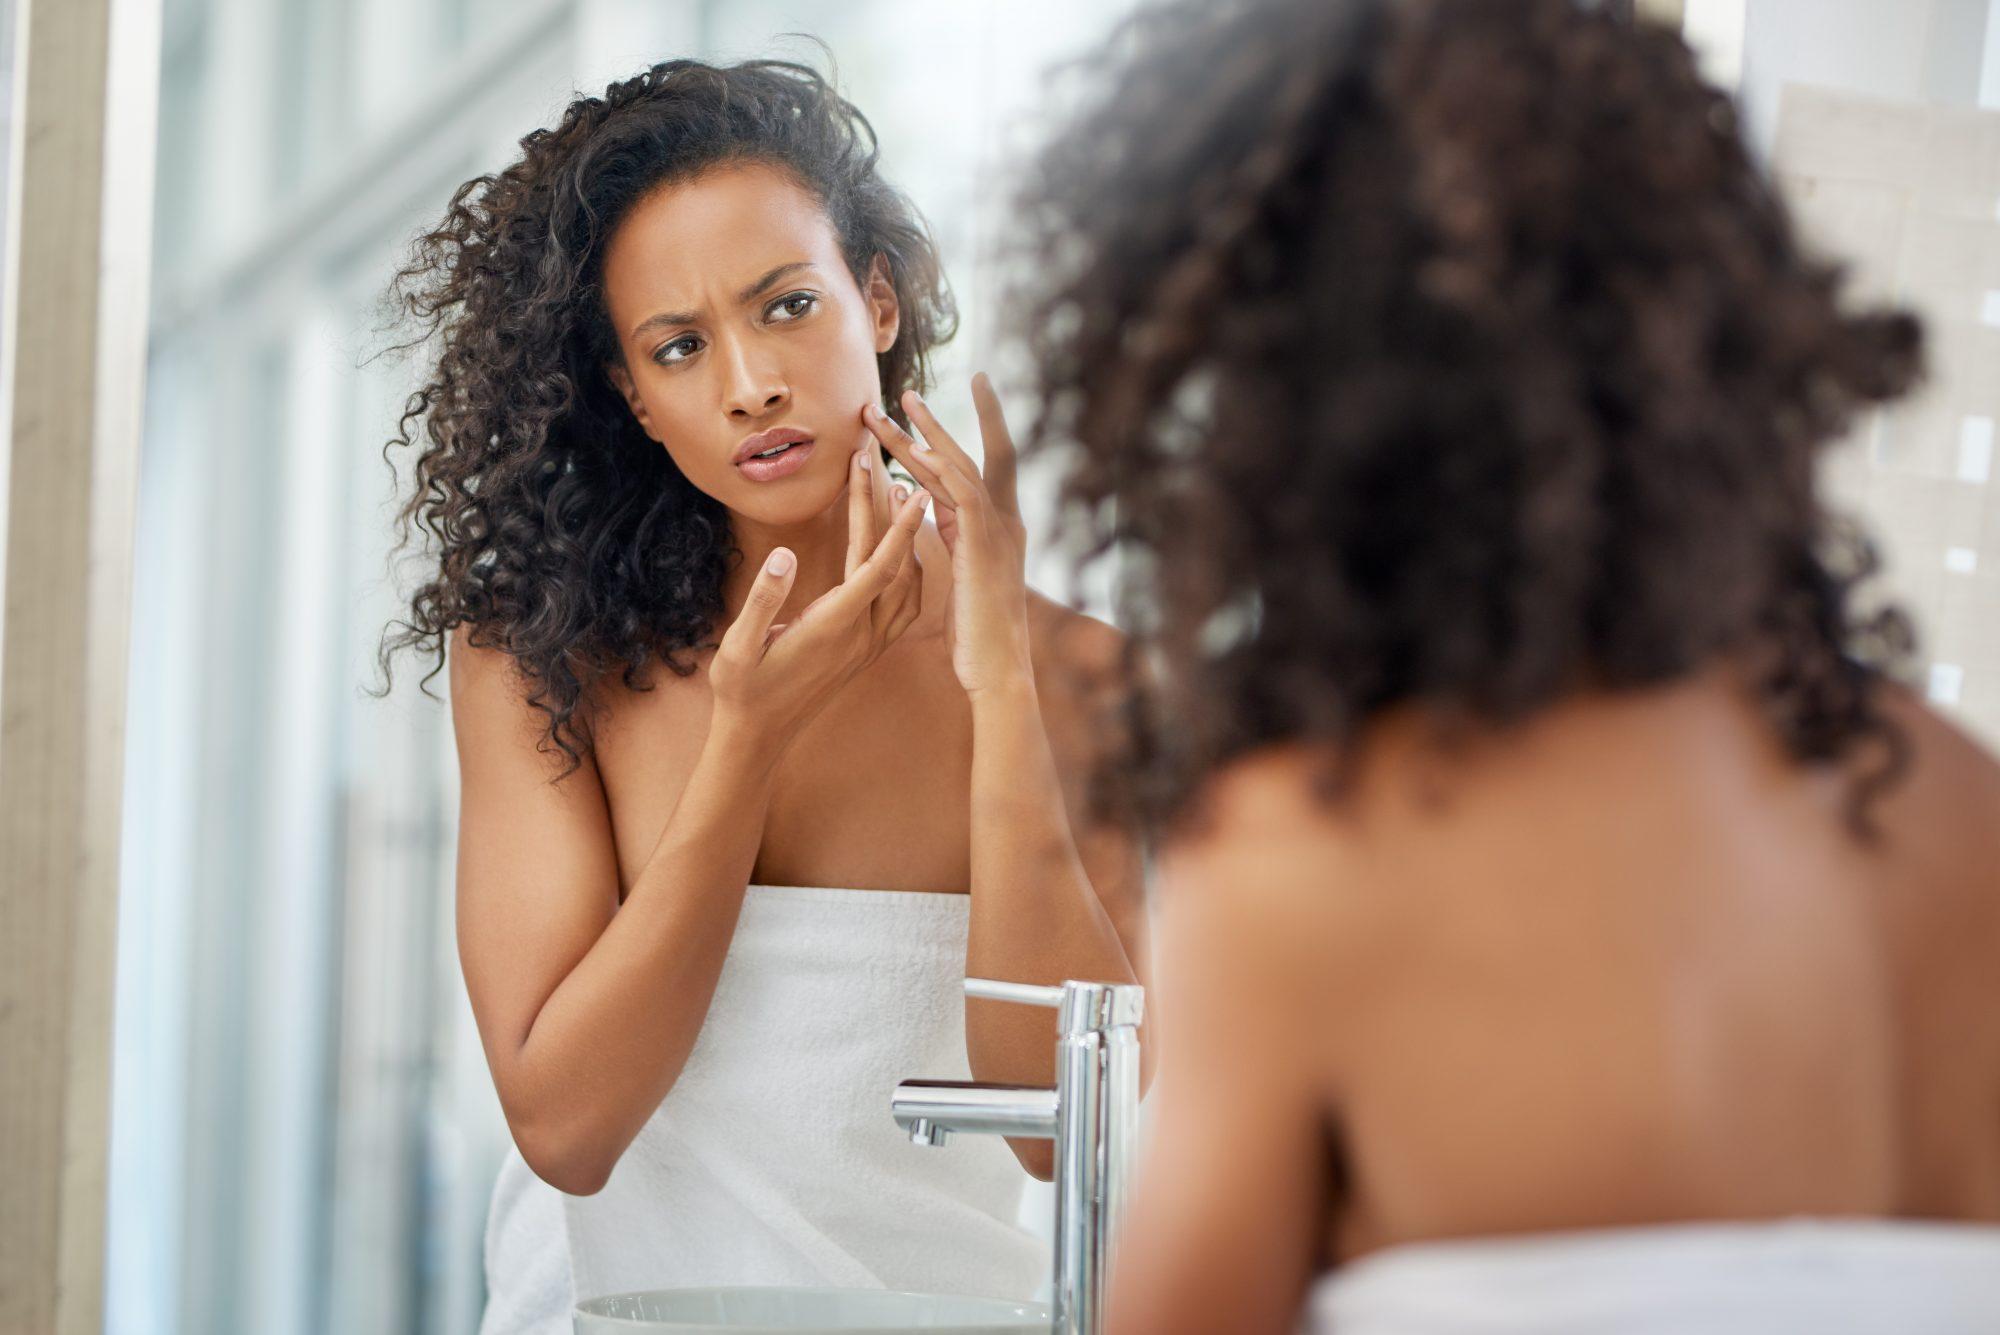 Productos para el acné